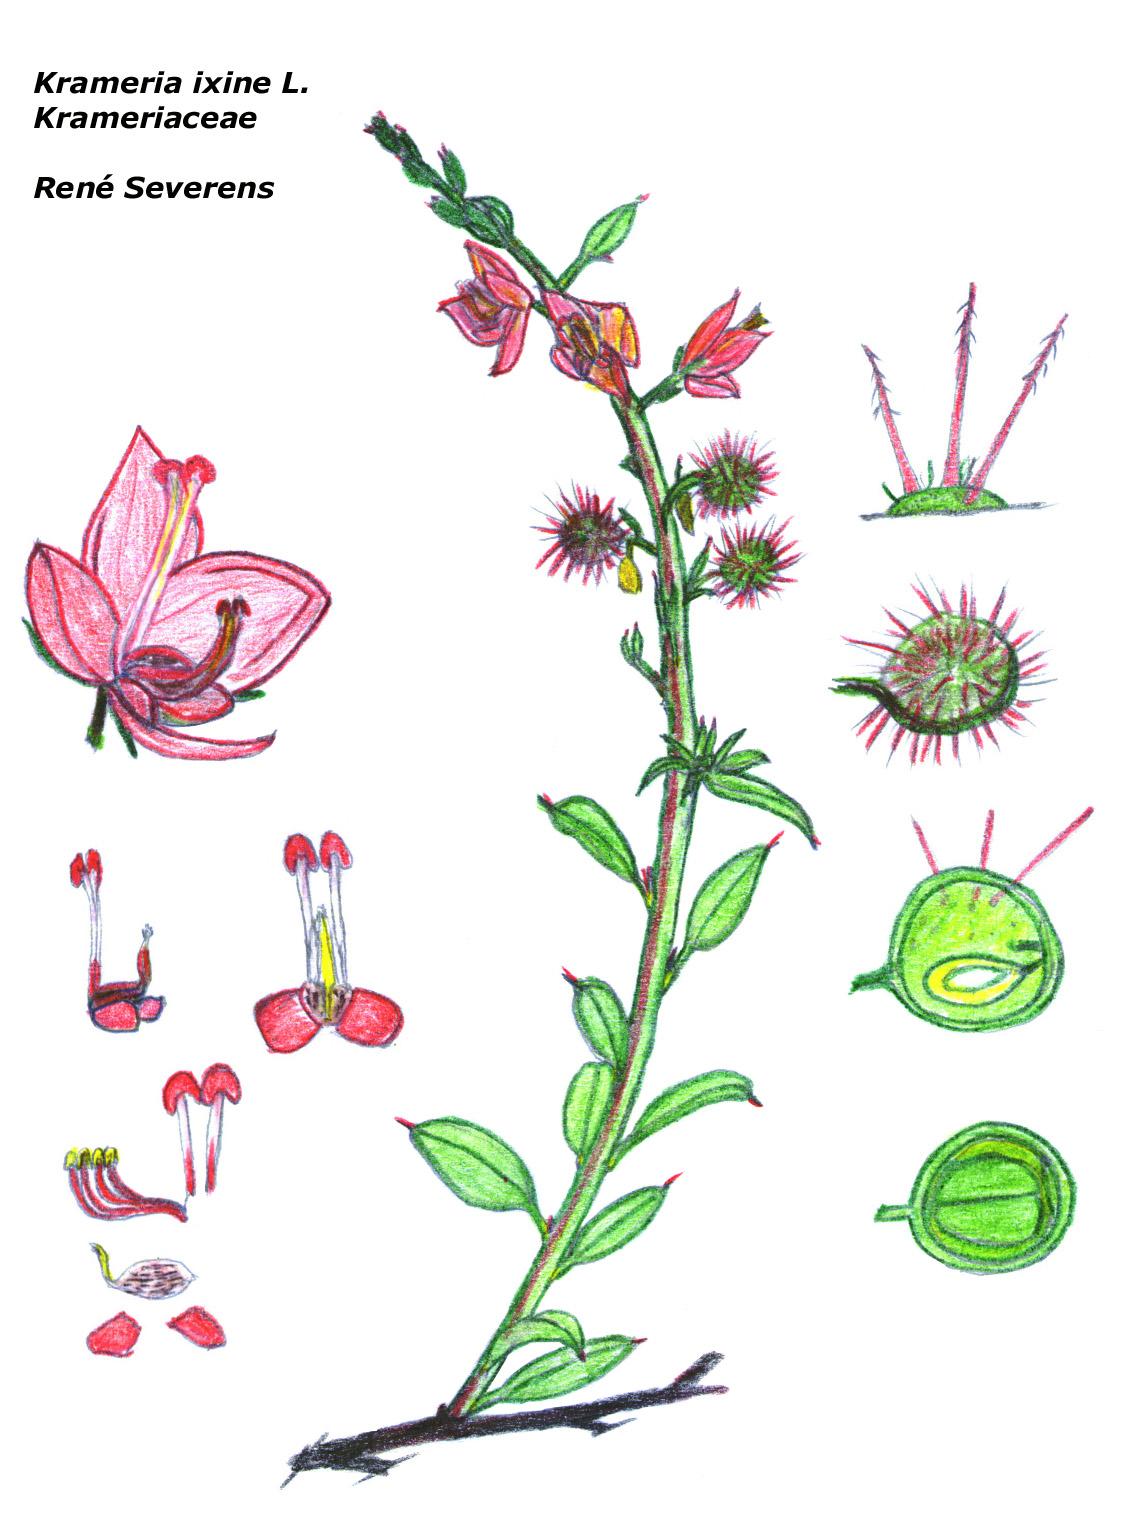 Species Detail Krameria Ixine